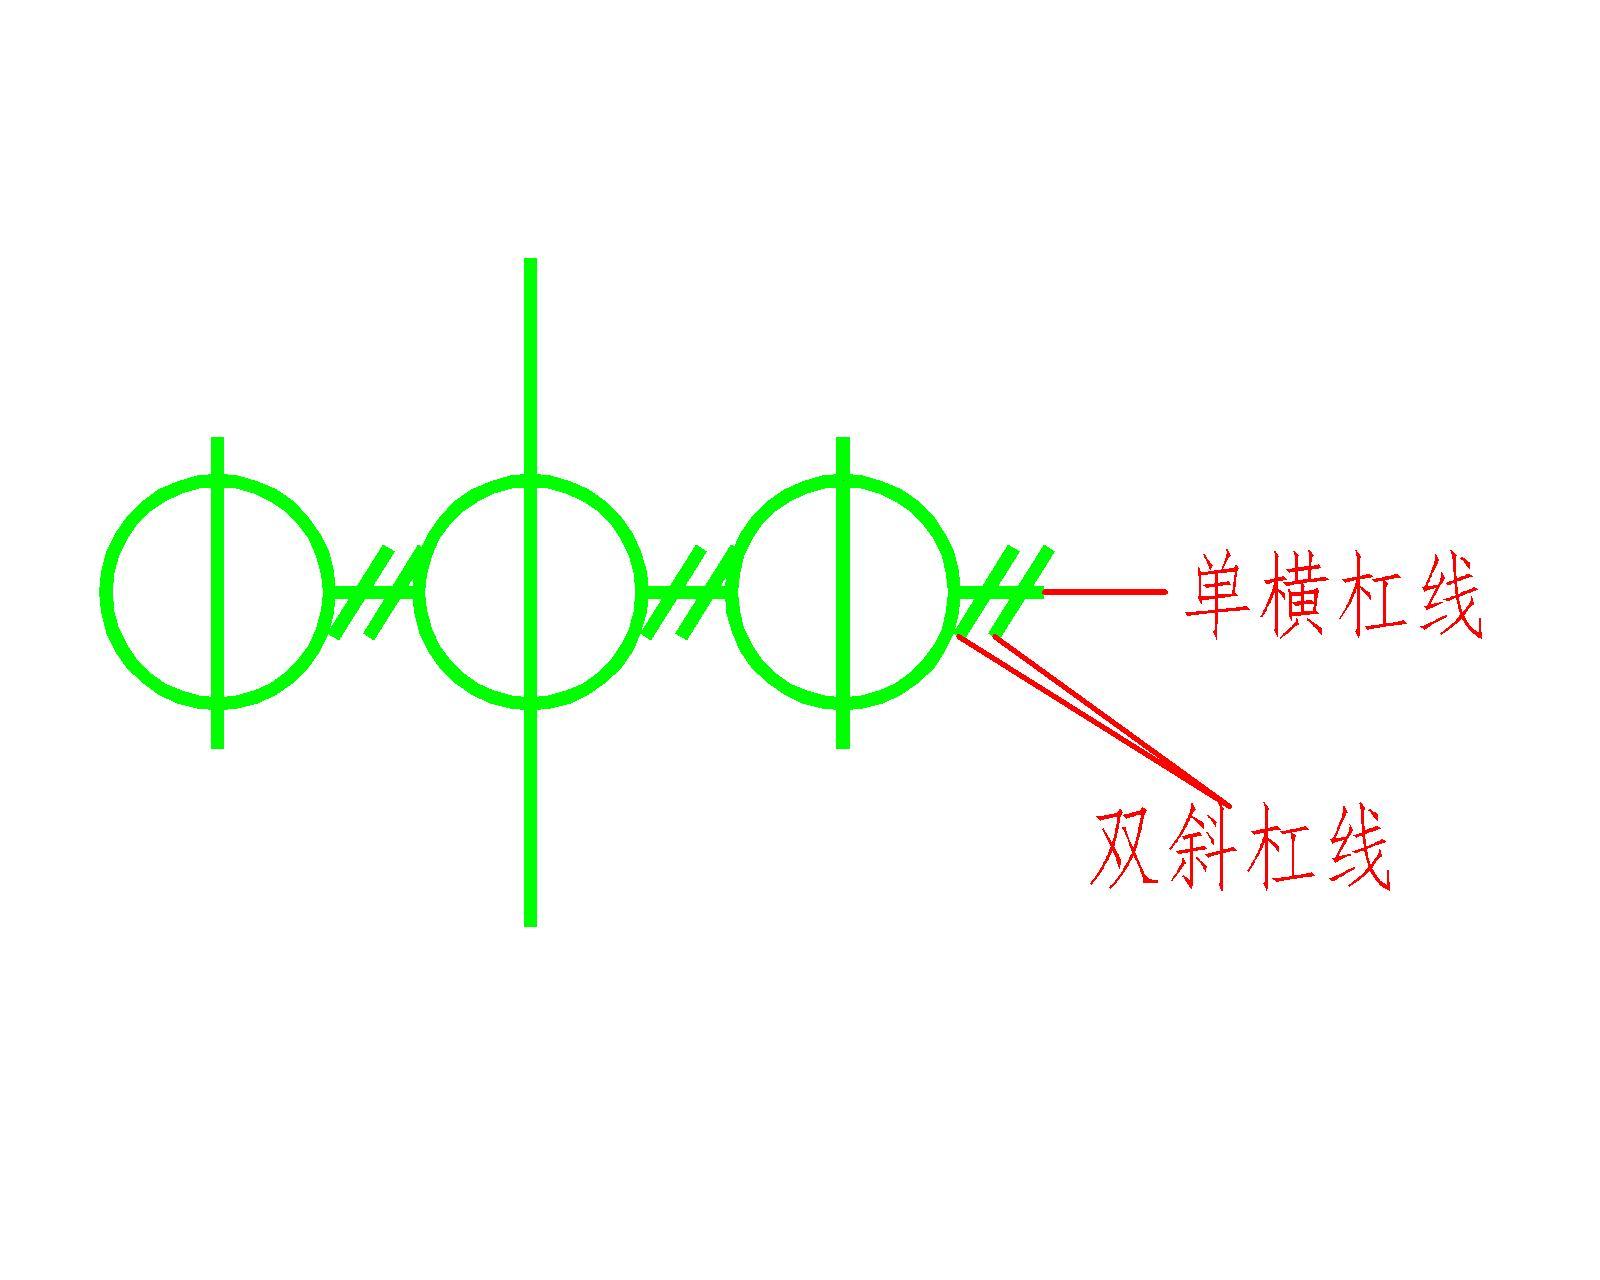 C5 常用的電氣圖形符號